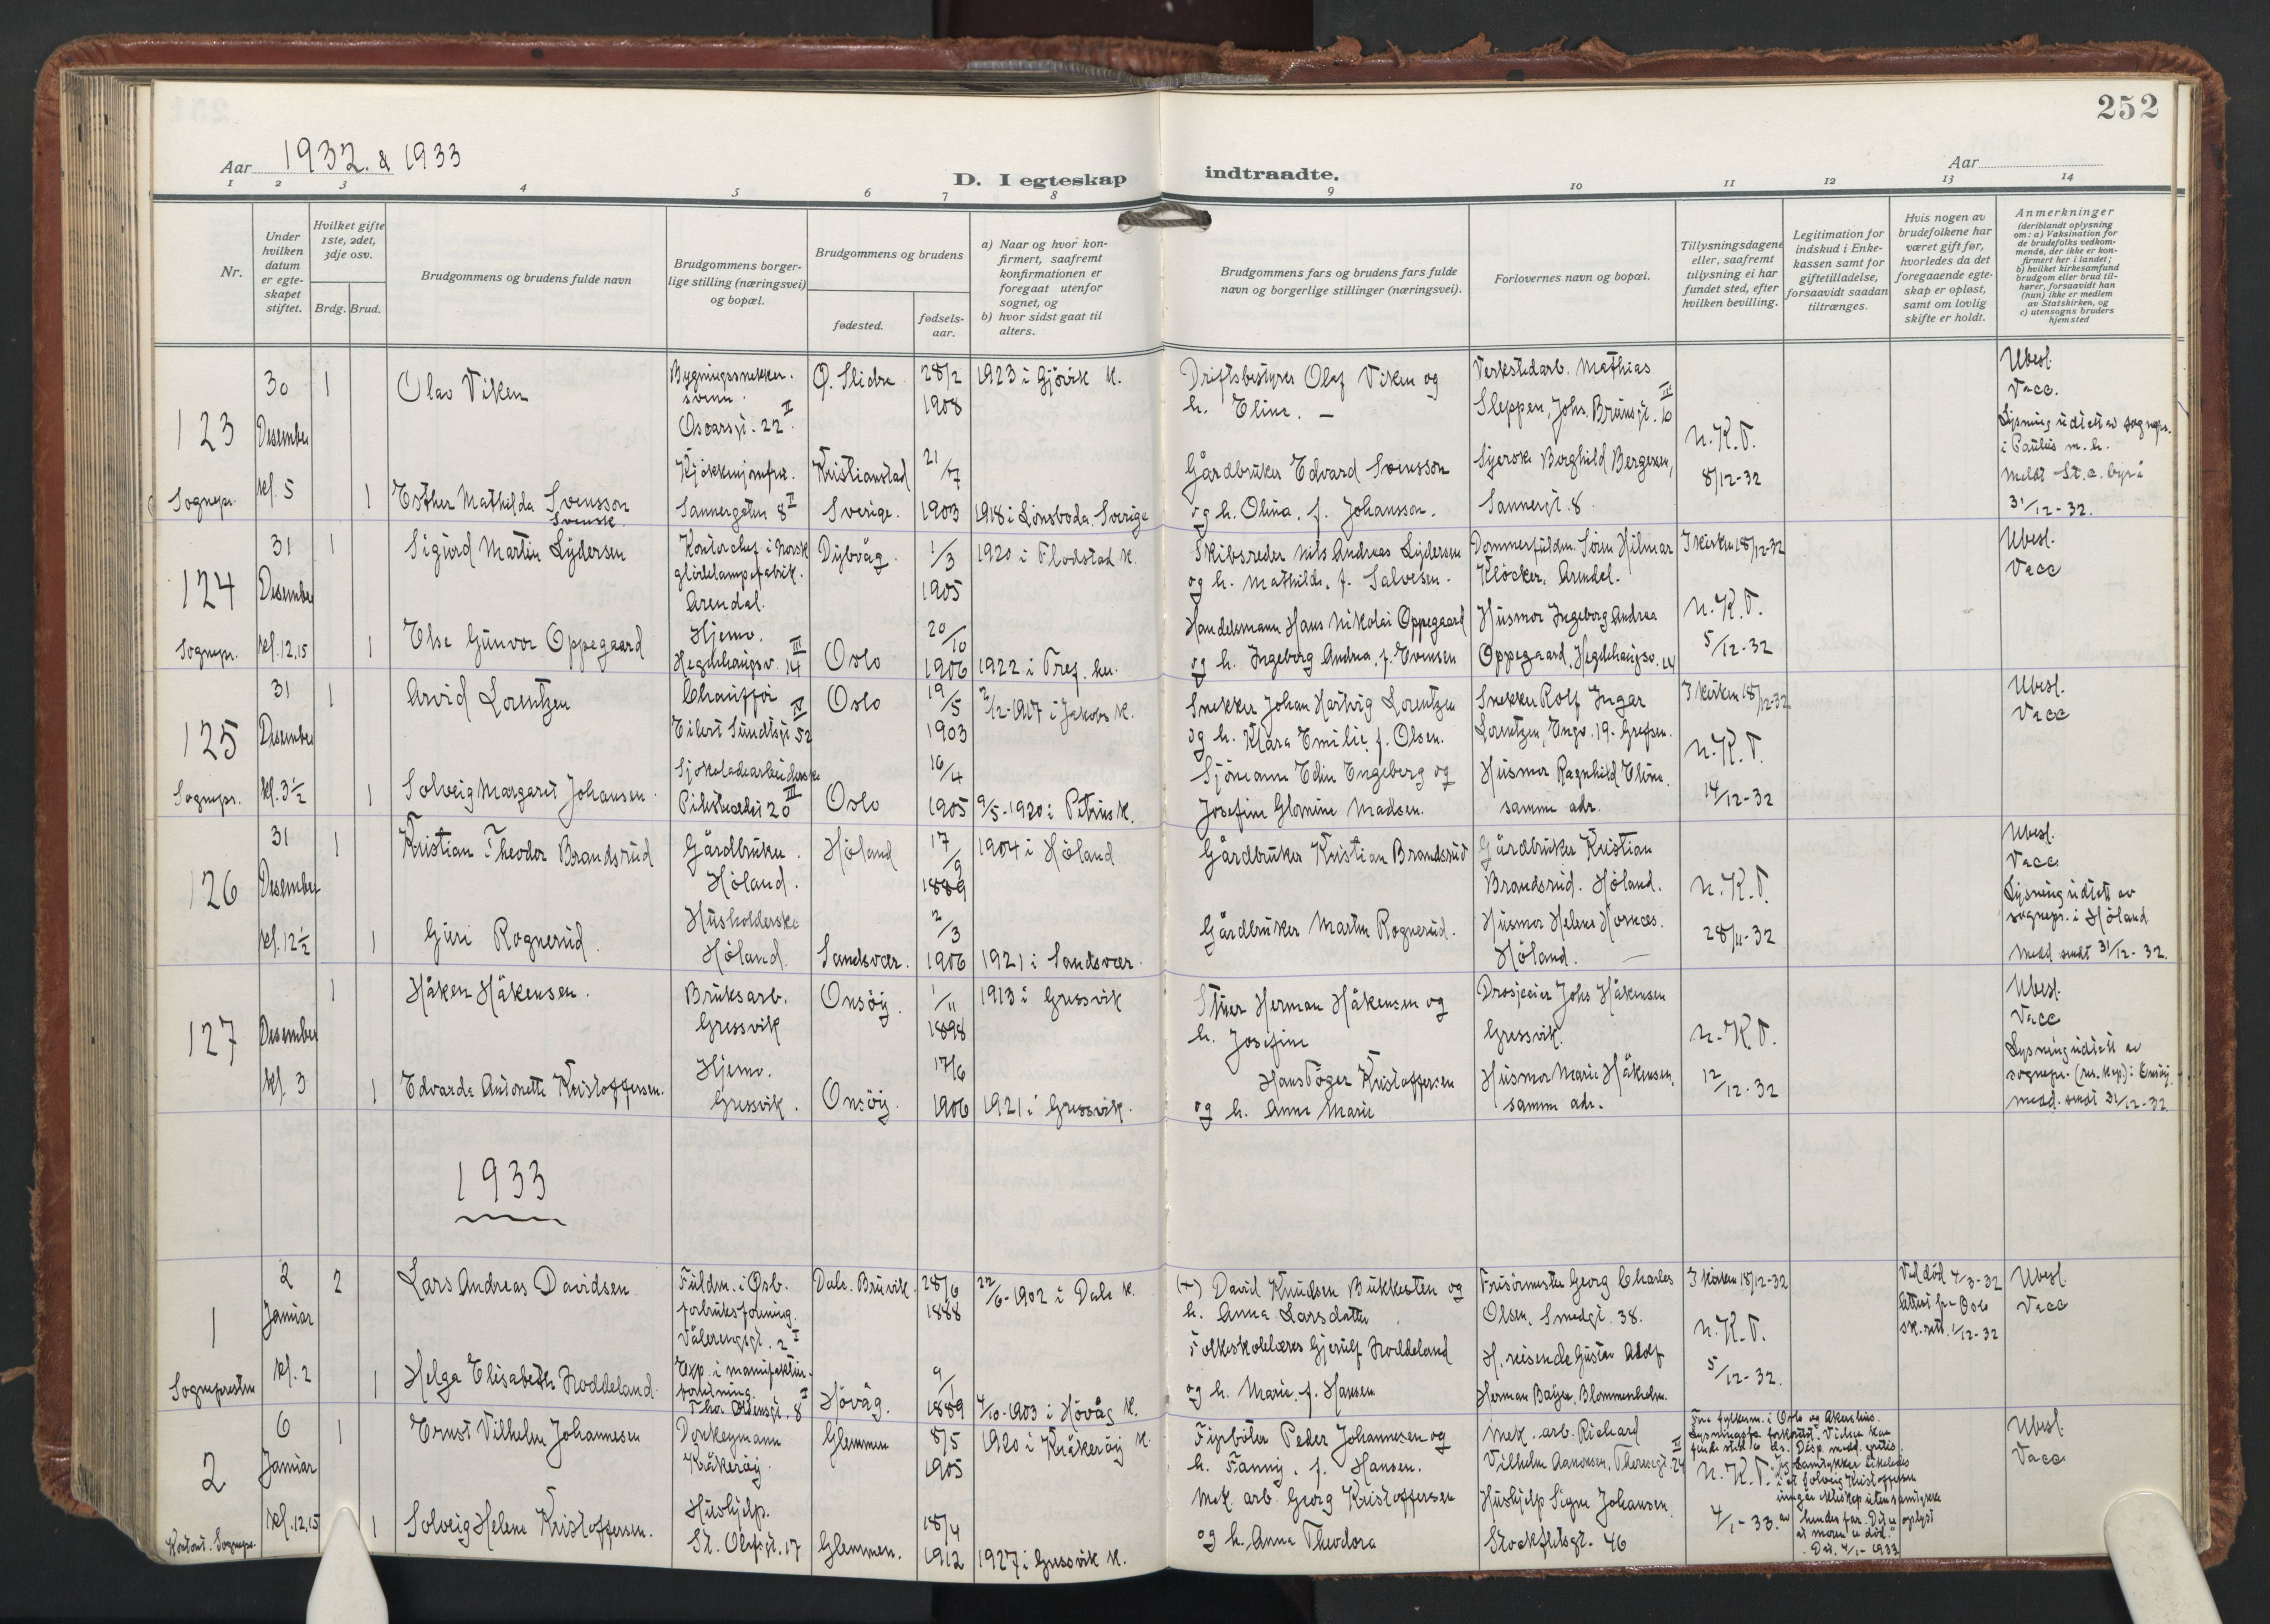 SAO, Trefoldighet prestekontor Kirkebøker, F/Fc/L0009: Ministerialbok nr. III 9, 1922-1936, s. 252